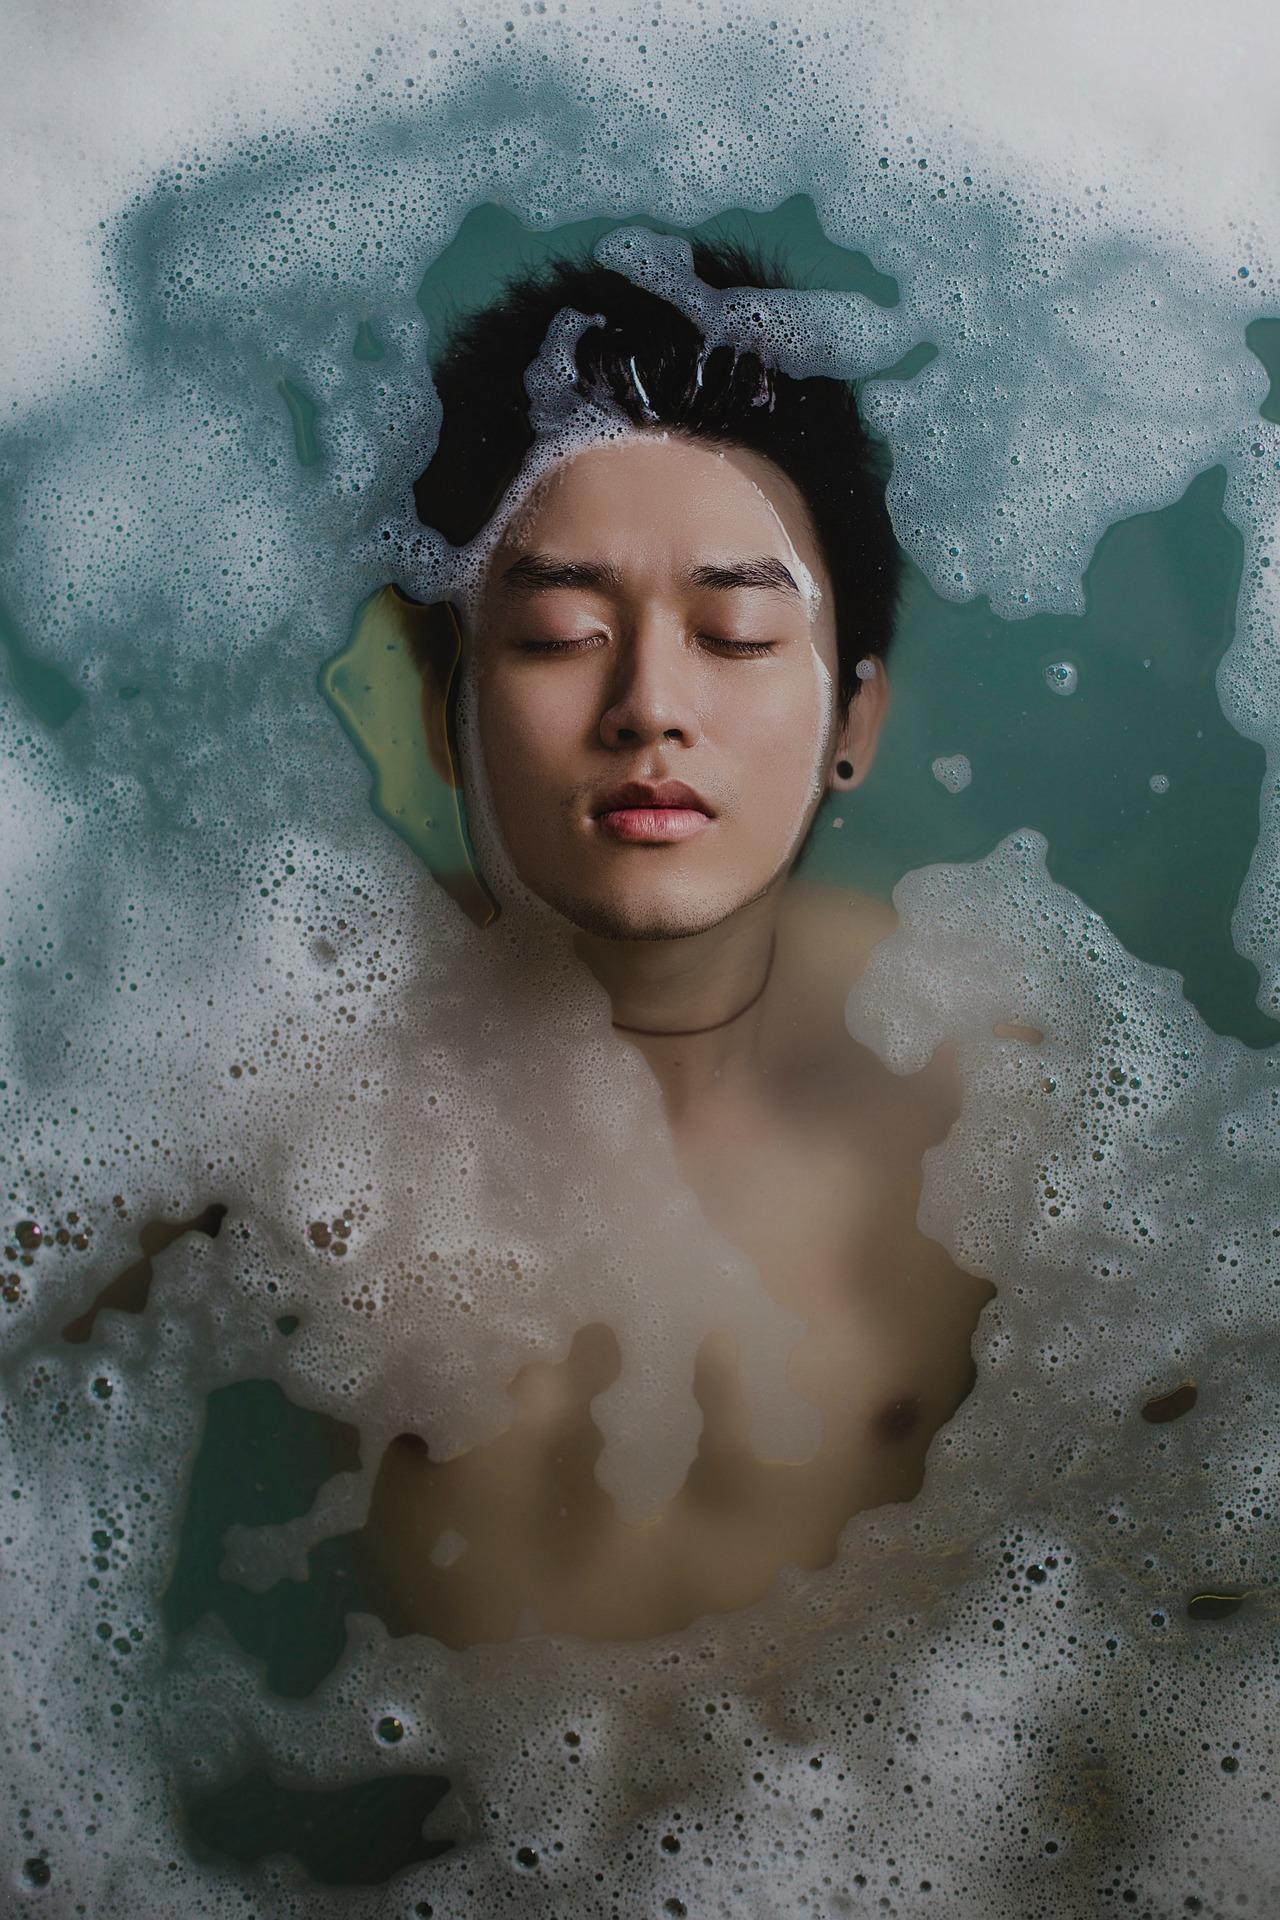 Ежедневная ванна снижает риск инсульта. Купание